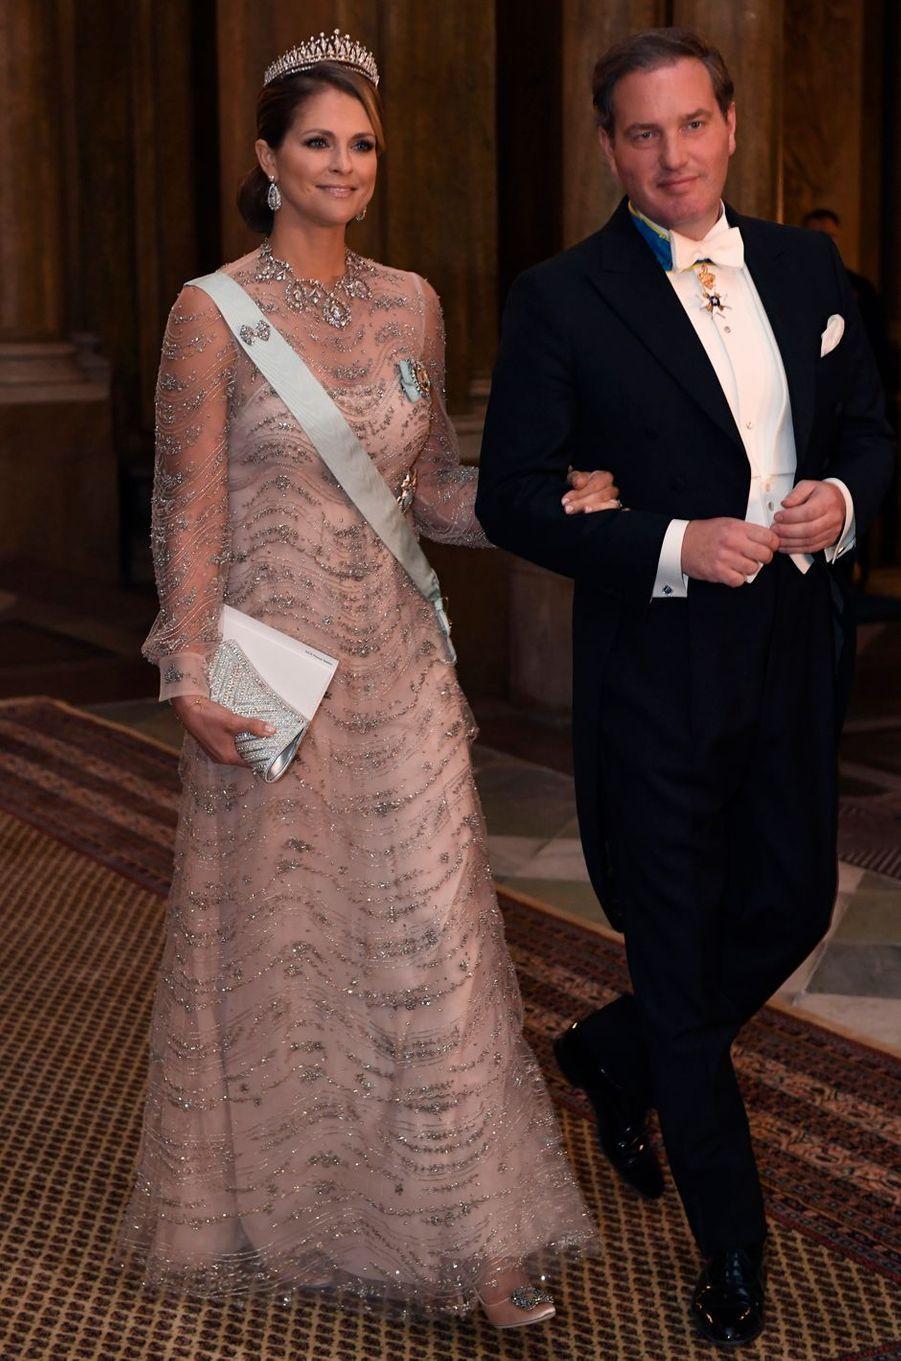 La princesse Madeleine de Suède dans une robe Valentino le 11 décembre 2016